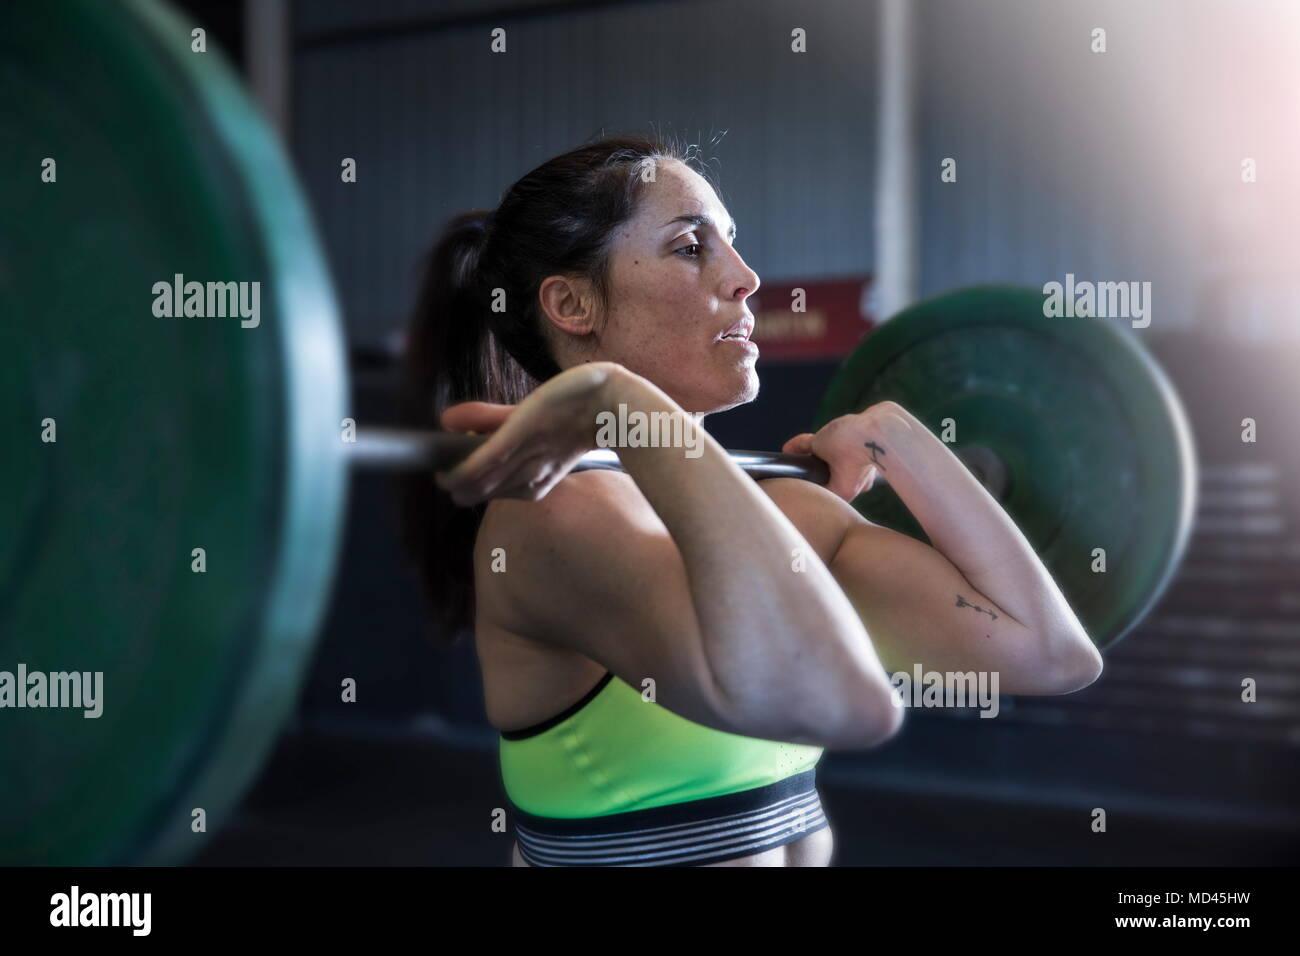 Mujer haciendo ejercicio en el gimnasio, utilizando barbell Imagen De Stock